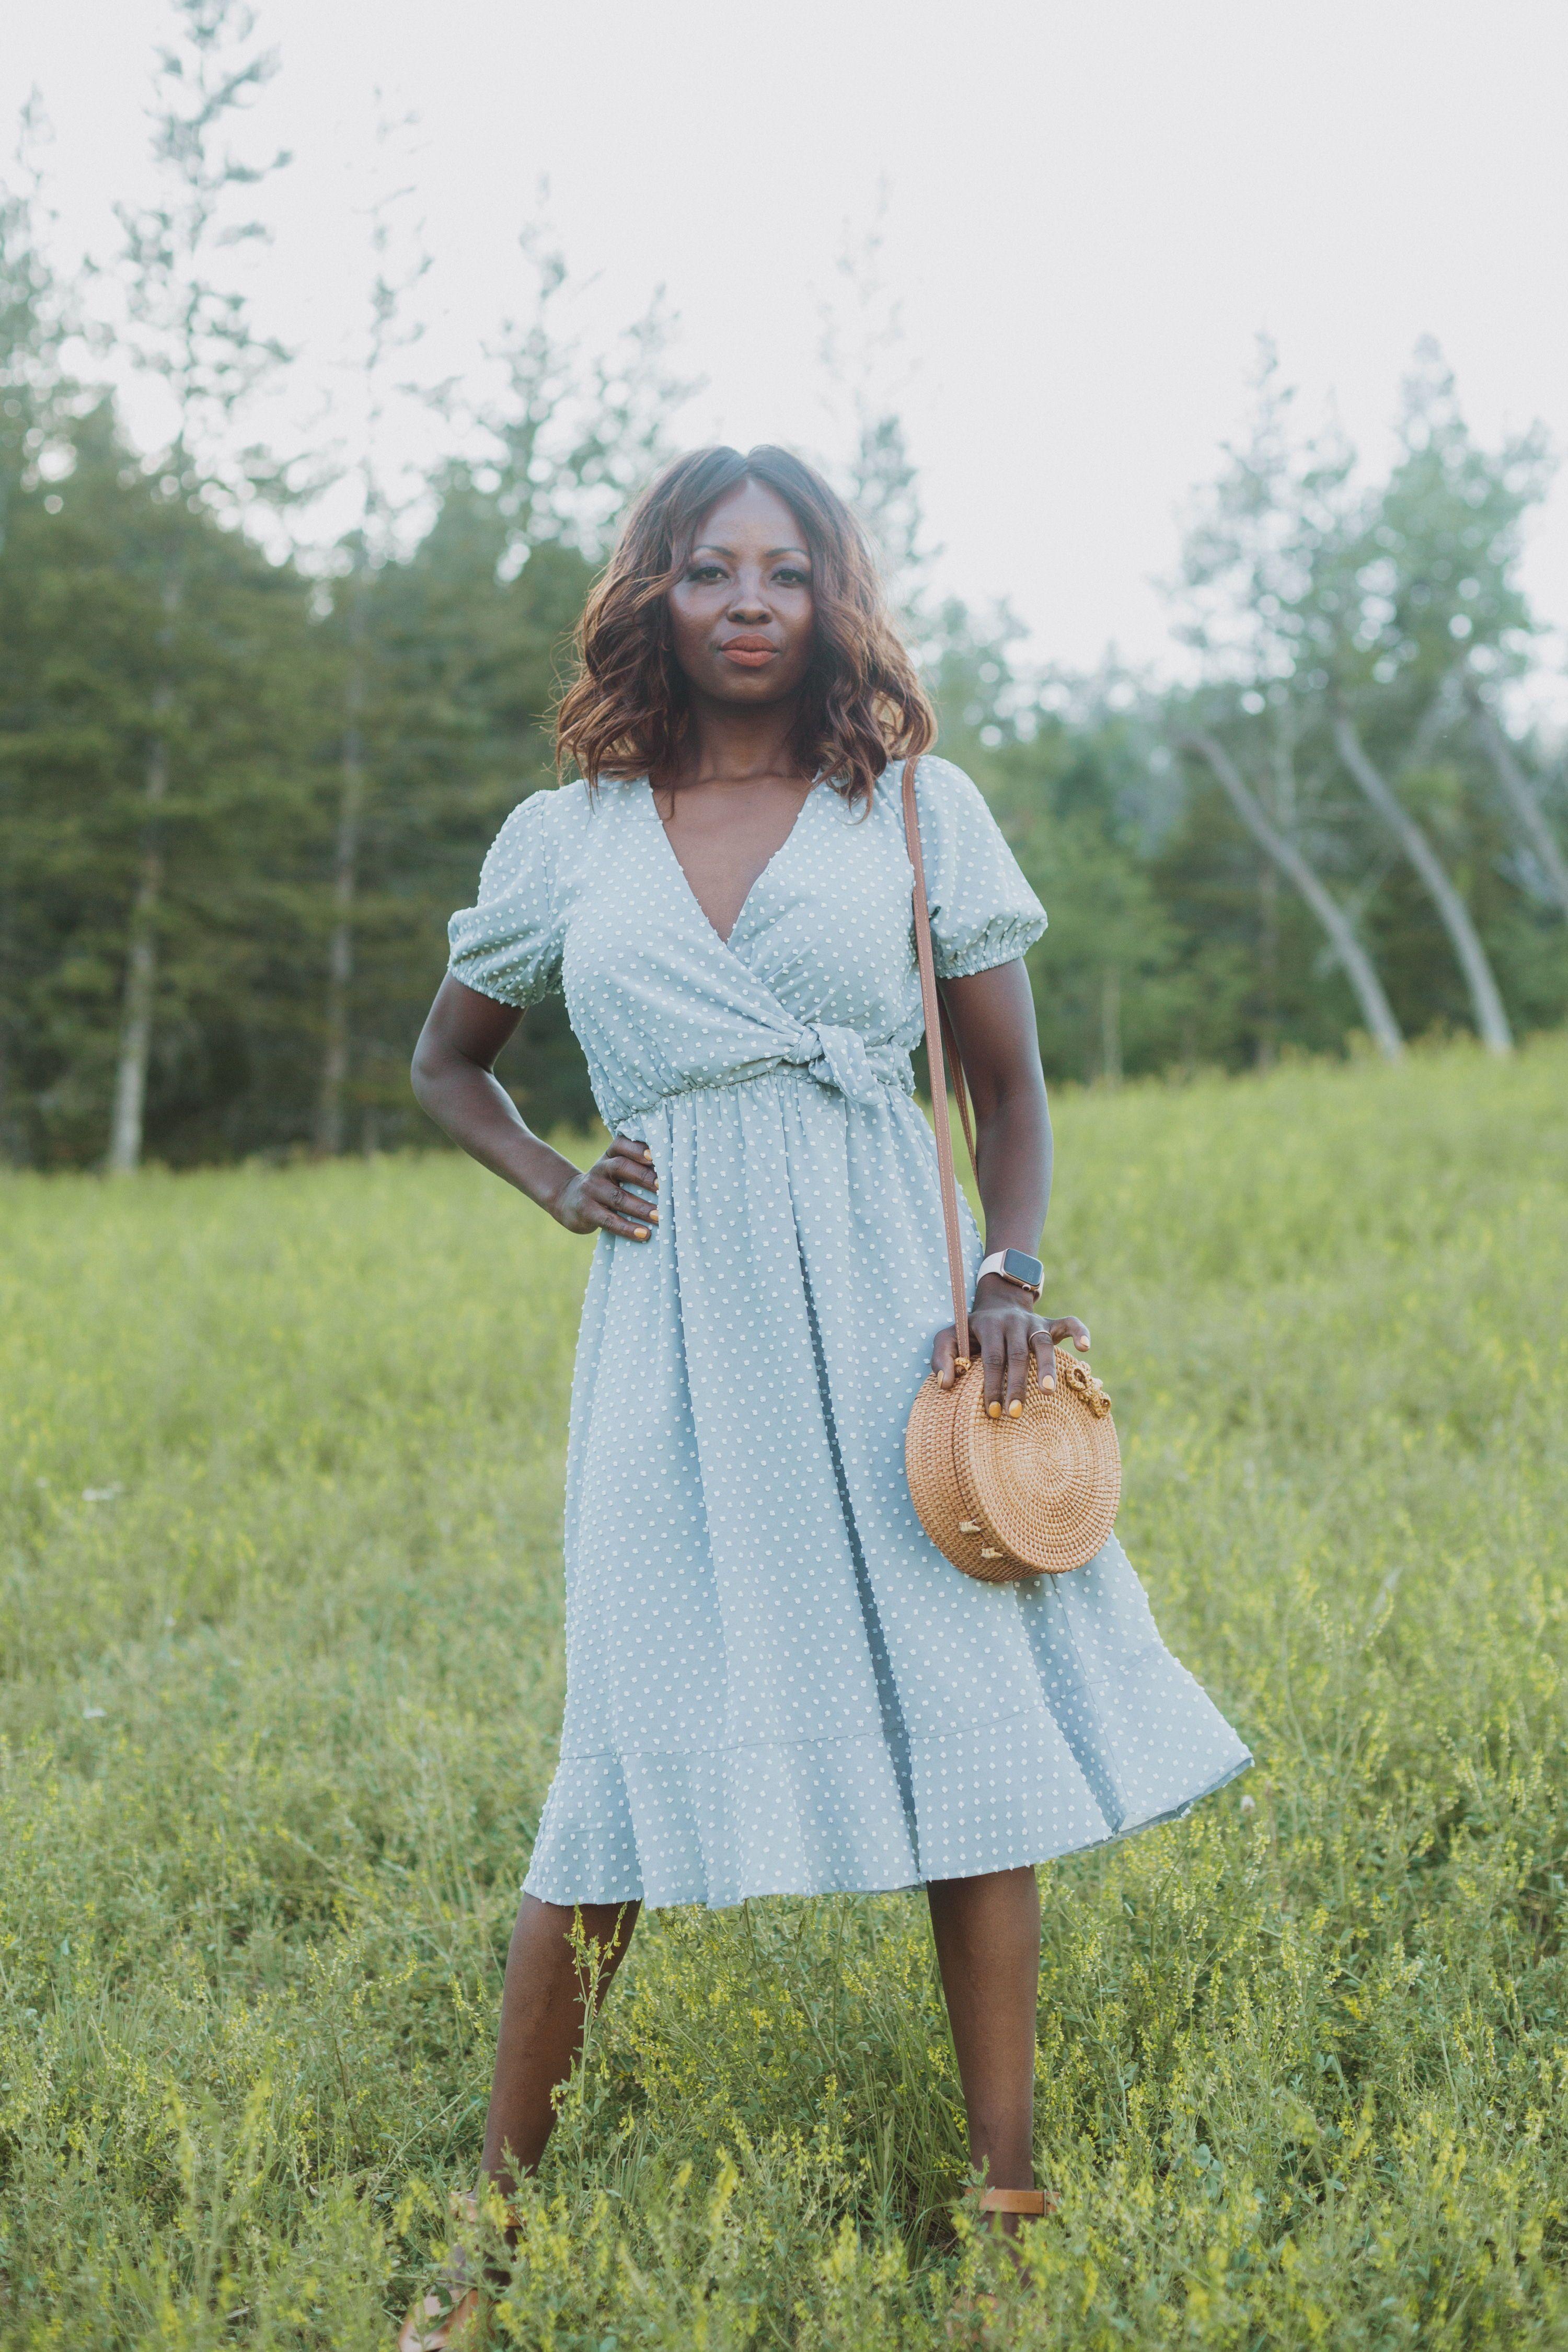 The Adaline Swiss Dot Wrap Dress In Dusty Blue Wrap Dress Dresses Fashion [ 4500 x 3000 Pixel ]